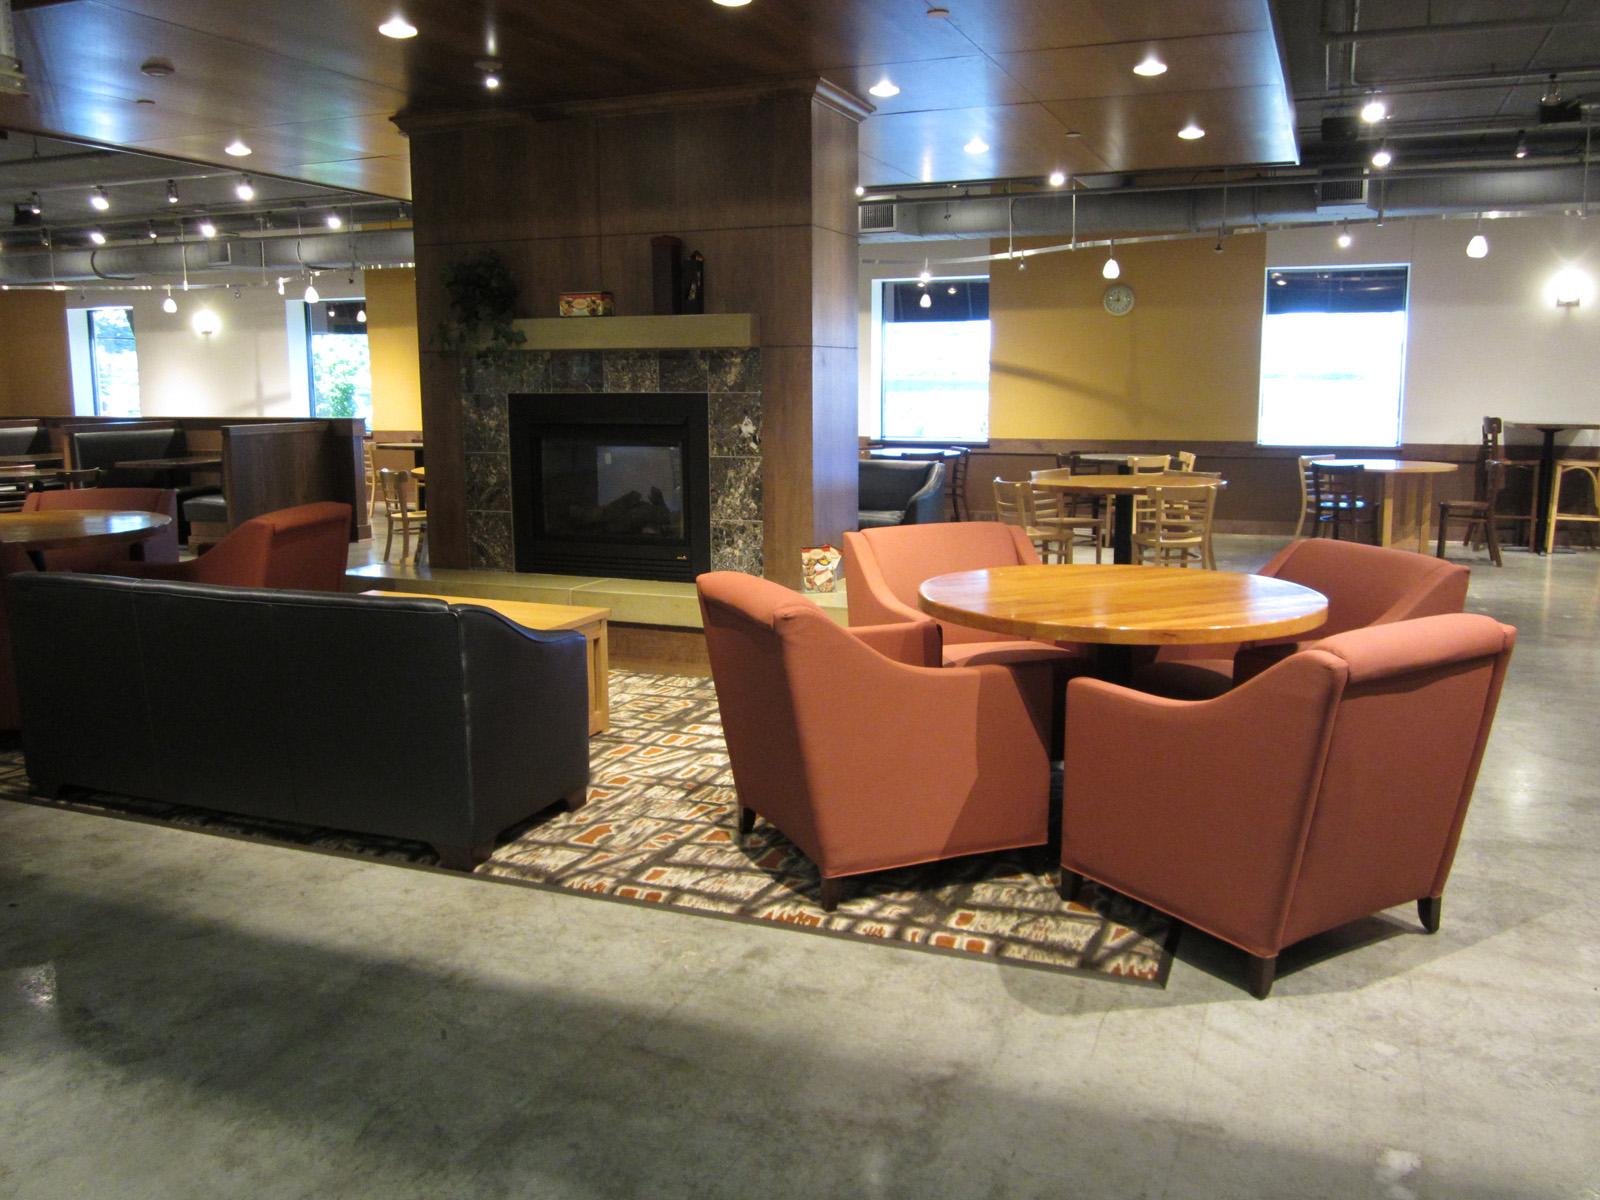 D Brians Deli and Catering Archimea Interior Design Services